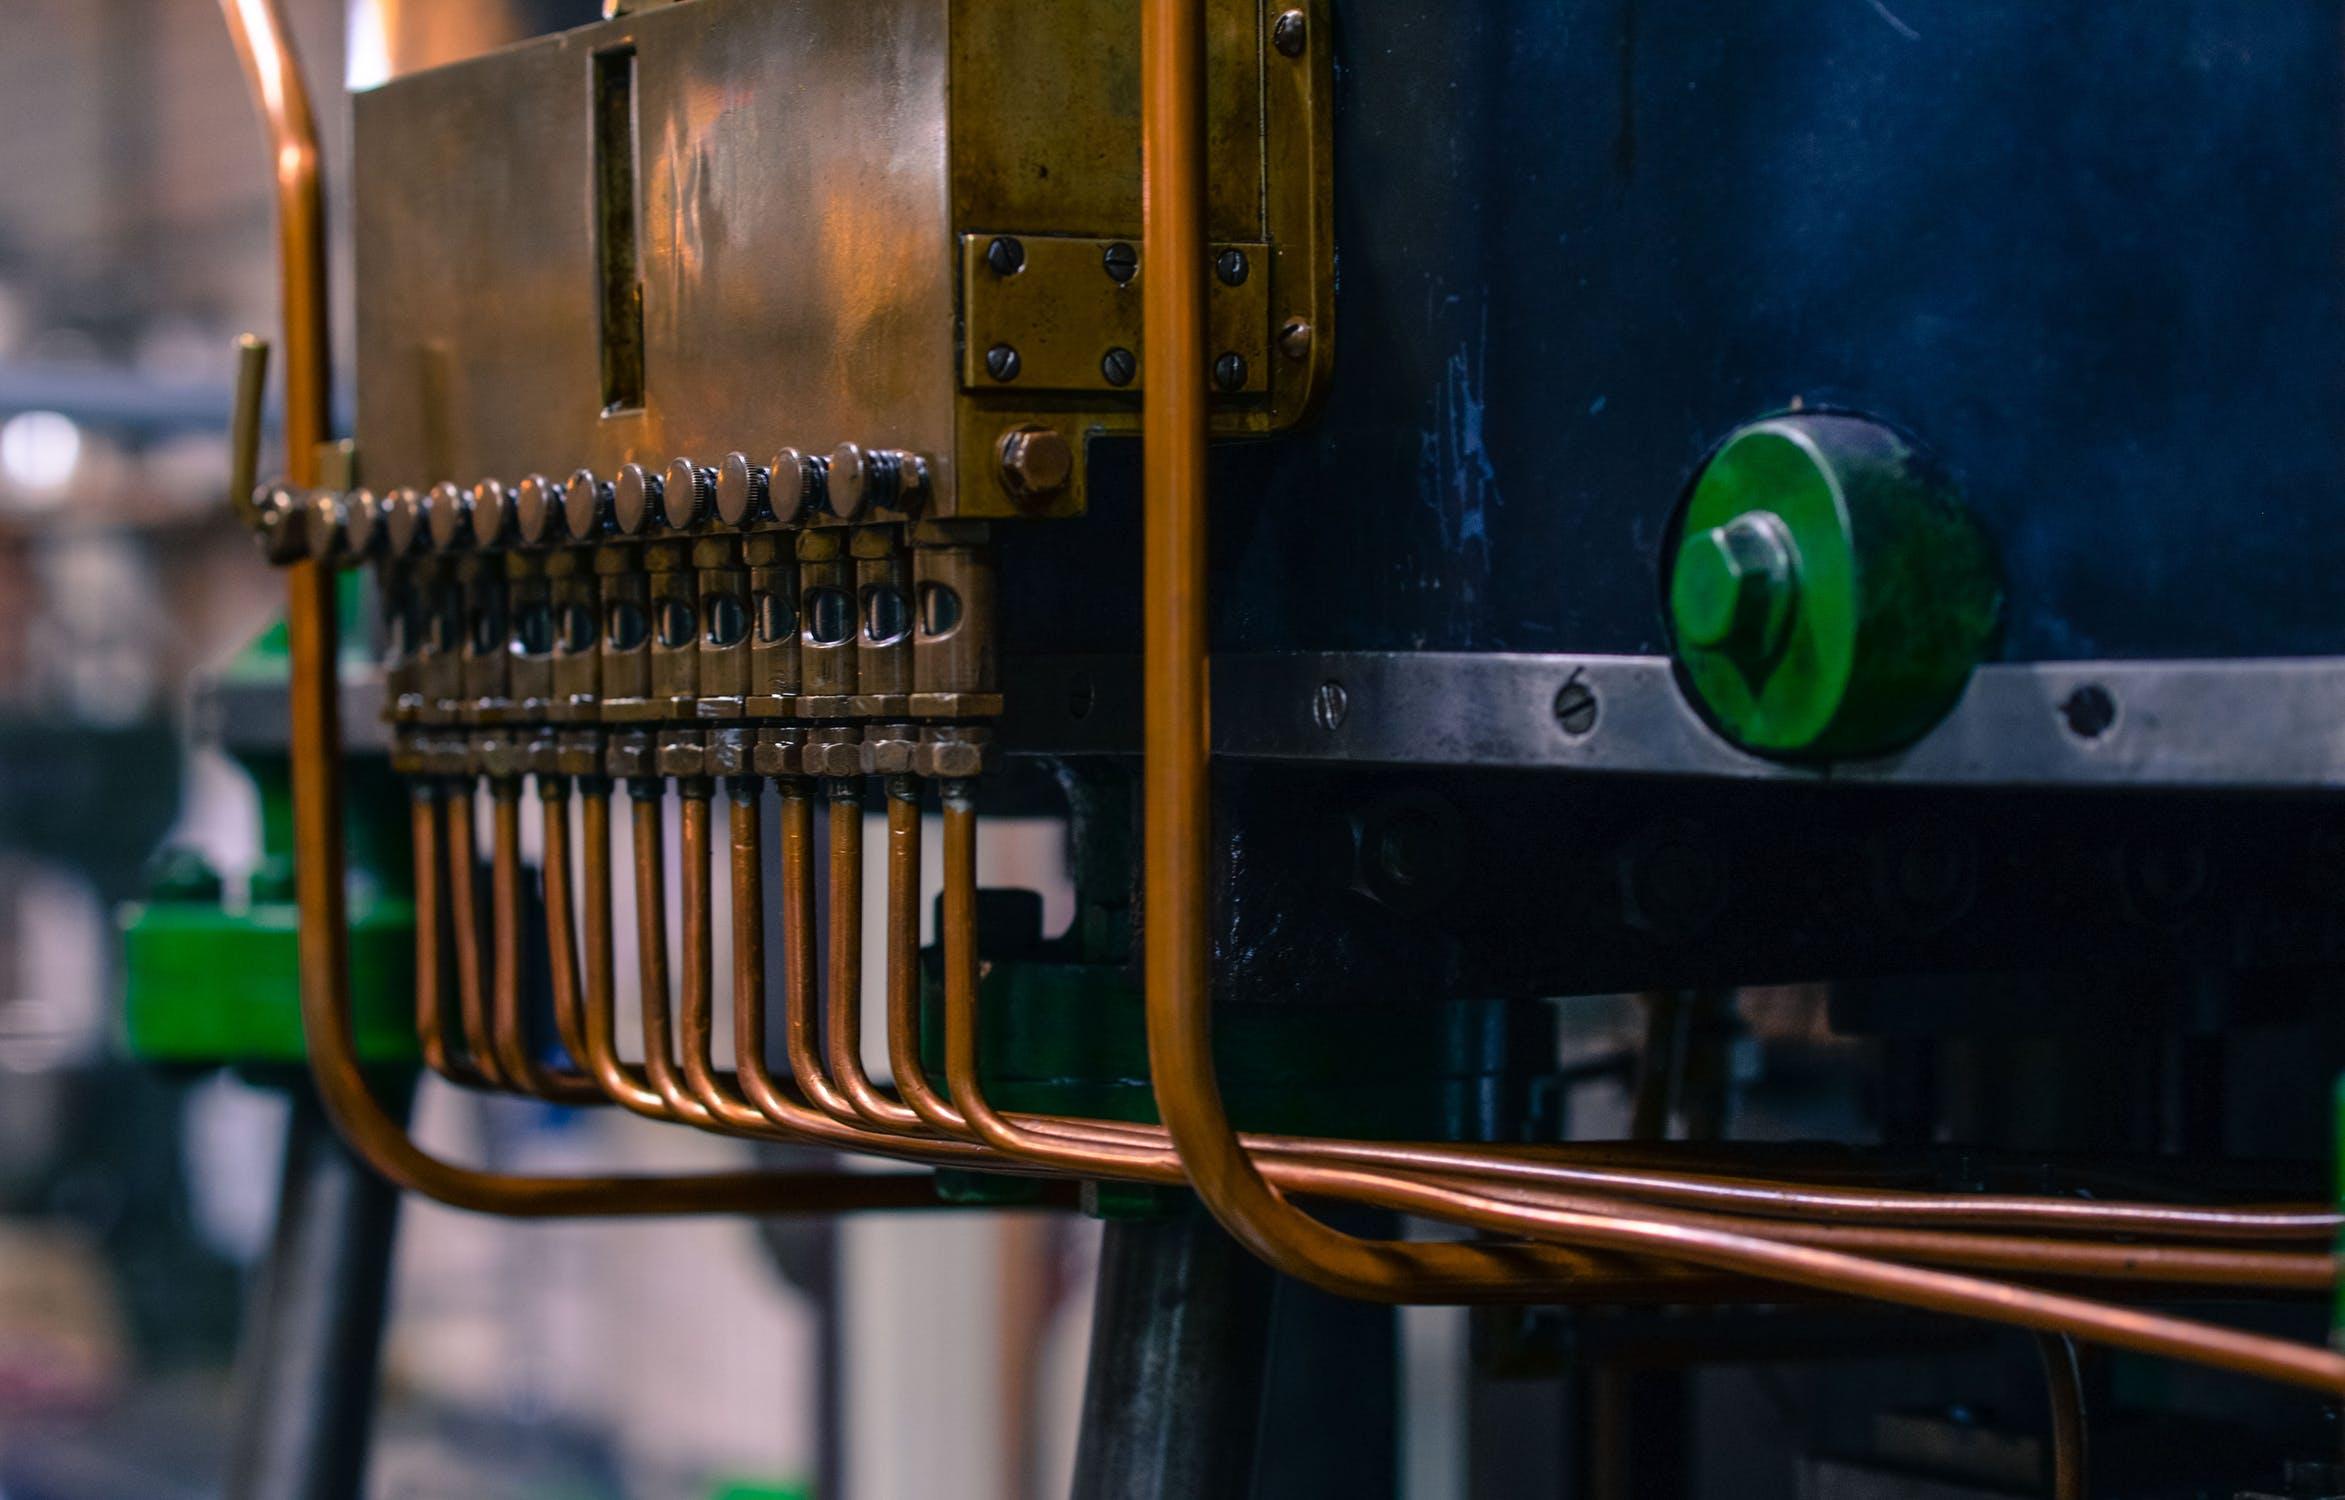 TITAN DC冷却ファンは、さまざまな医療機器に取り付けて、機器コンポーネントのオーバーヘッティングを防ぐことができます。